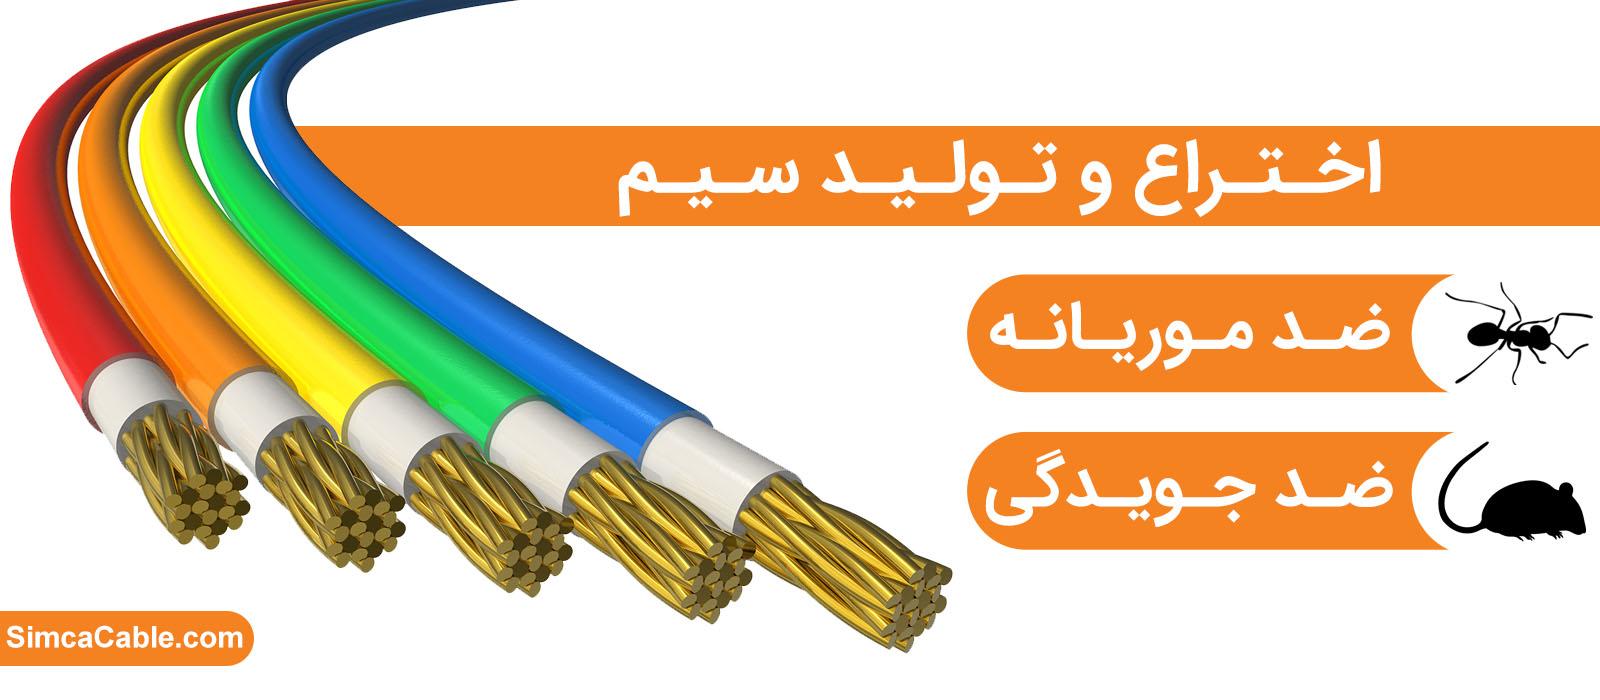 شرکت آرتیمان الکتریک ابهر (سیمکا راد)